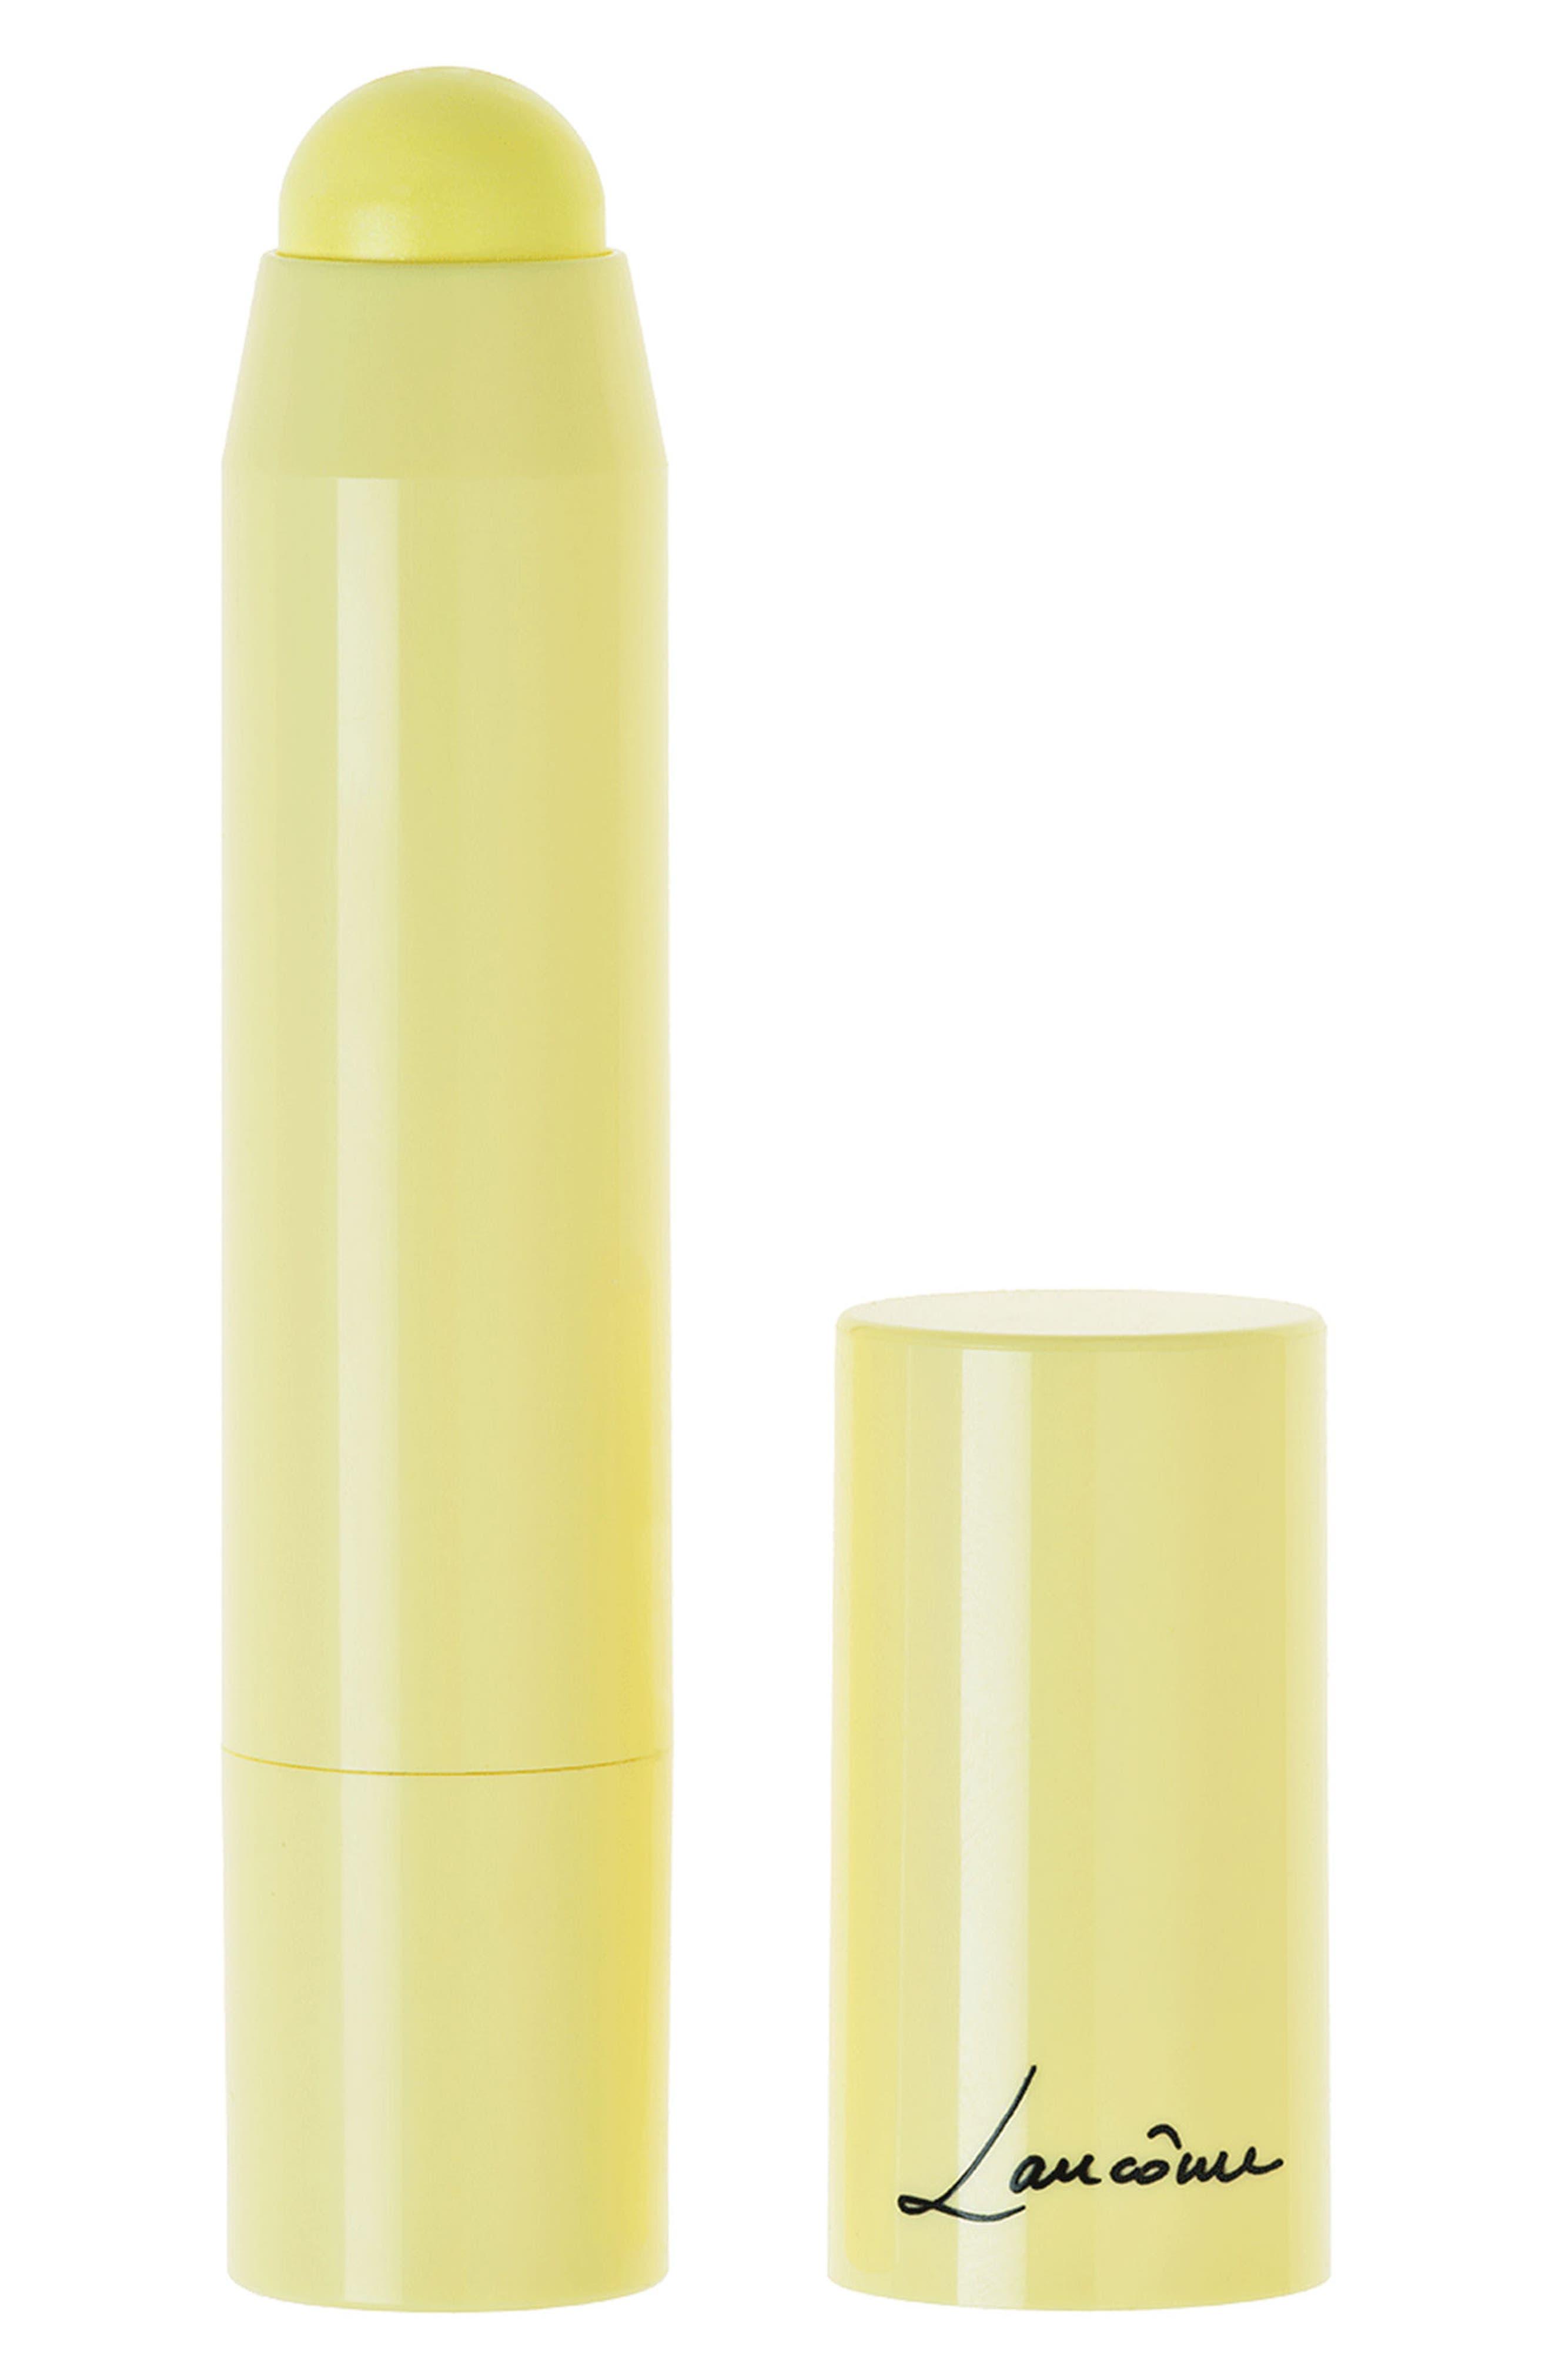 Lancôme Ombré Hypnôse Mini Eyeshadow Stick & Eyeliner